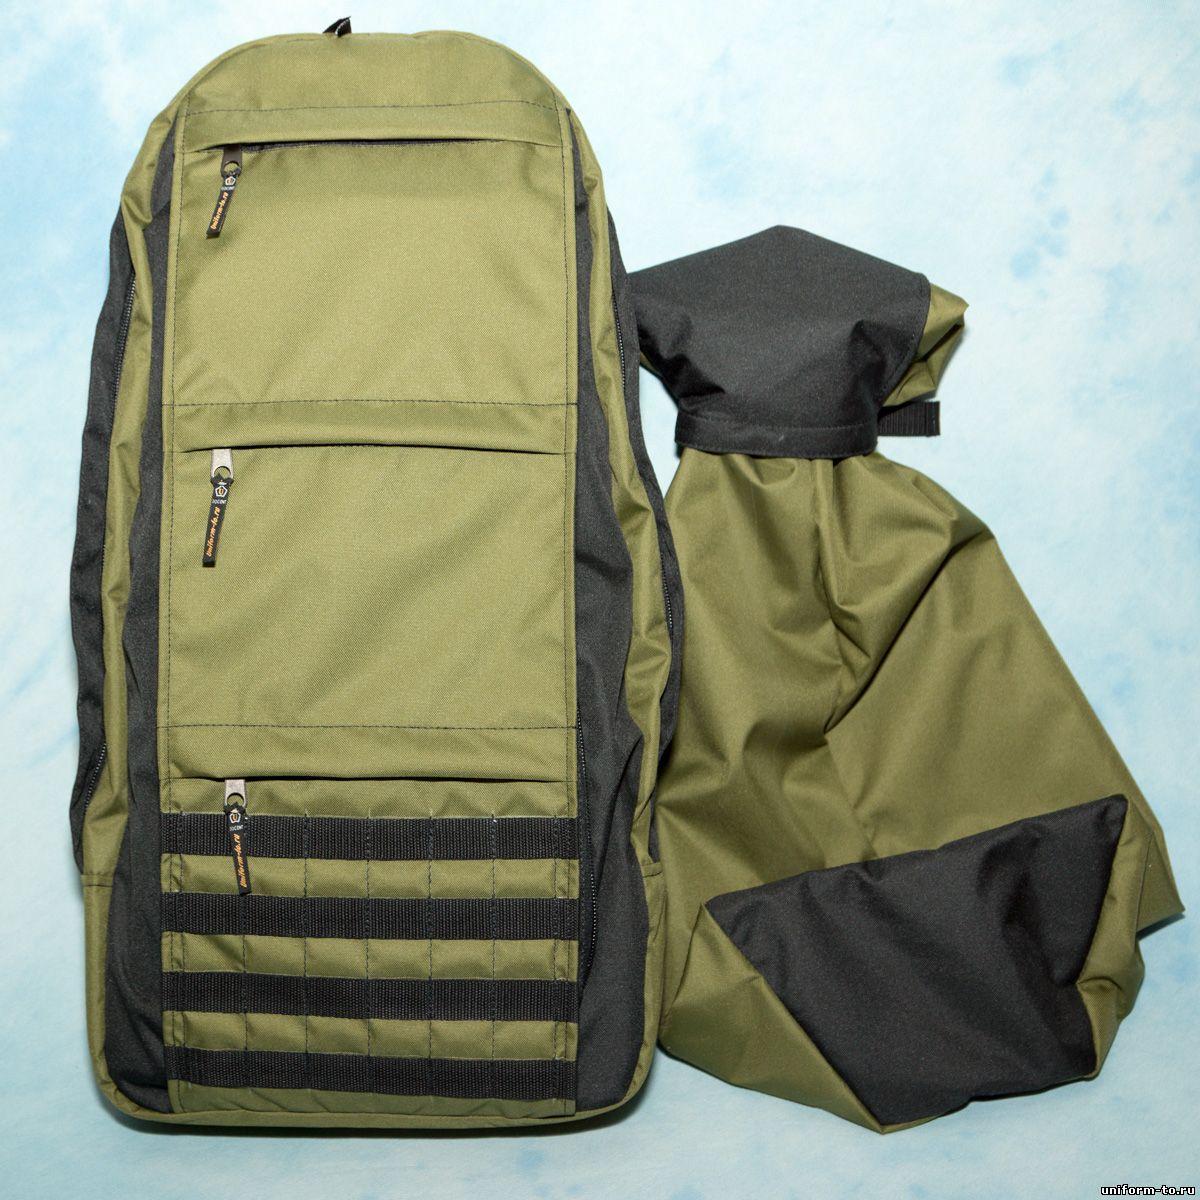 Как свернуть стропы на рюкзаке kata рюкзак купить